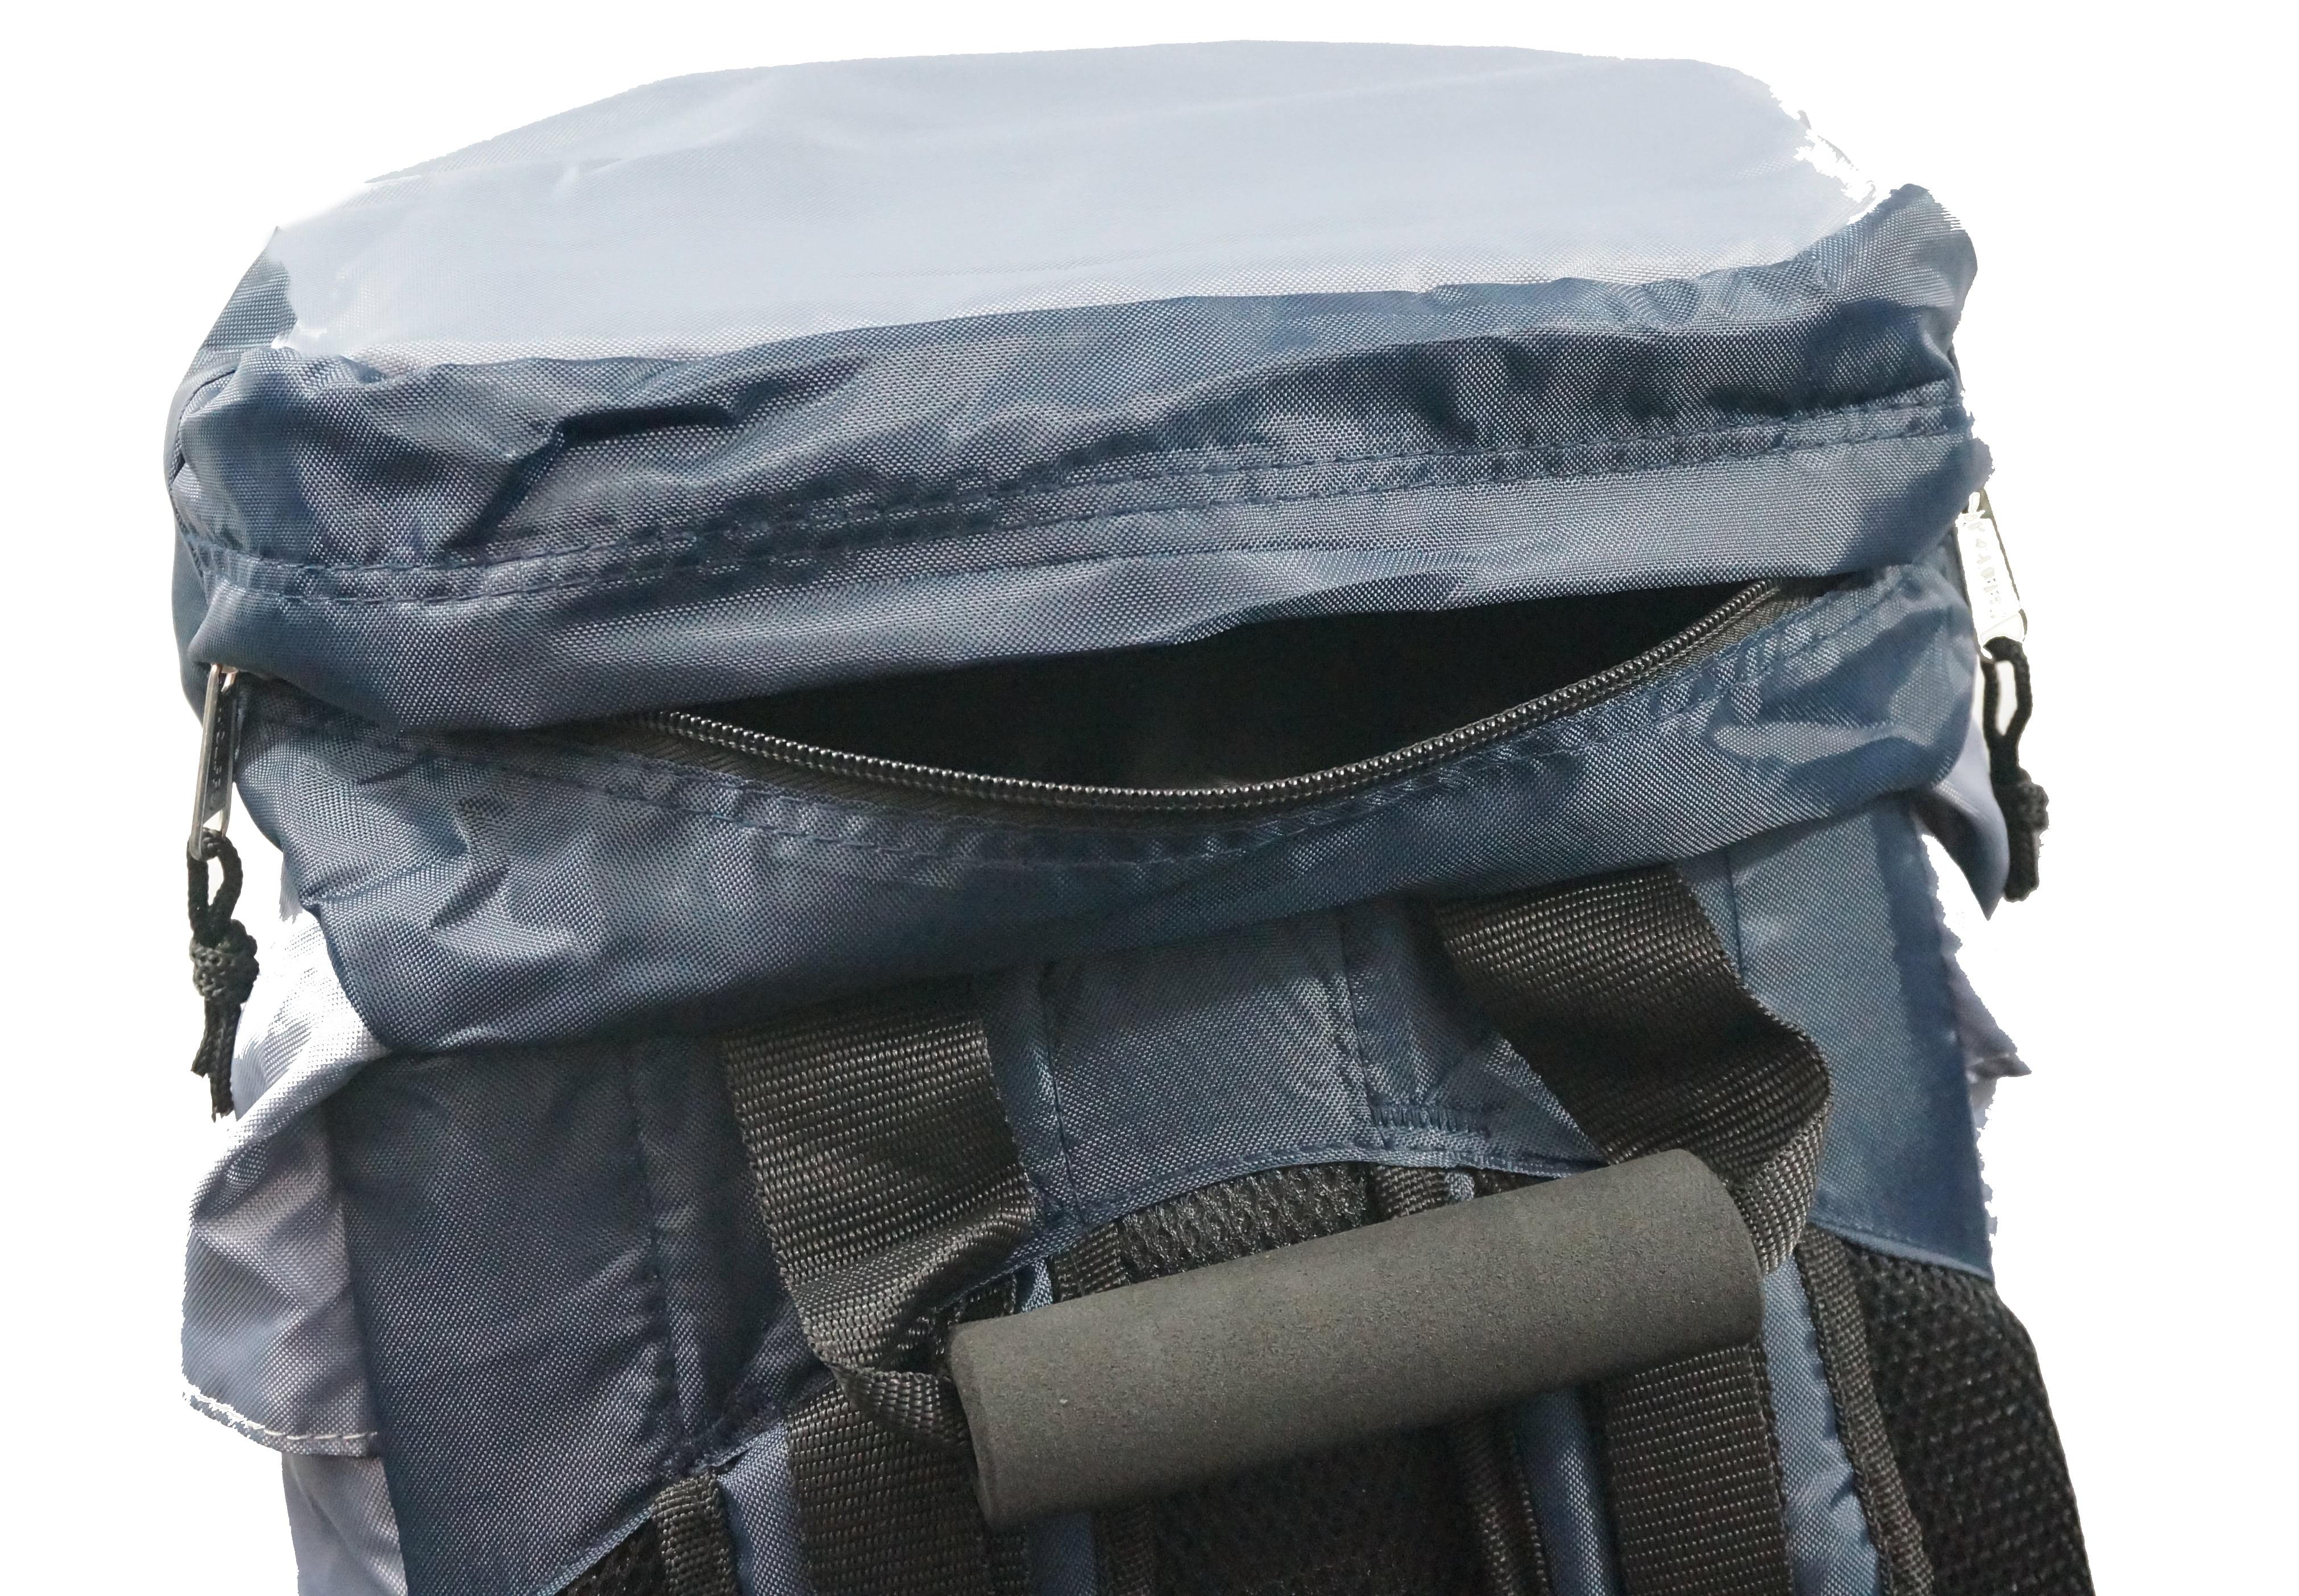 K Cliffs Hiking Backpack Scout Camping Backpack Large Internal Frame Daypack Travel Pack Bag Navy by K-Cliffs